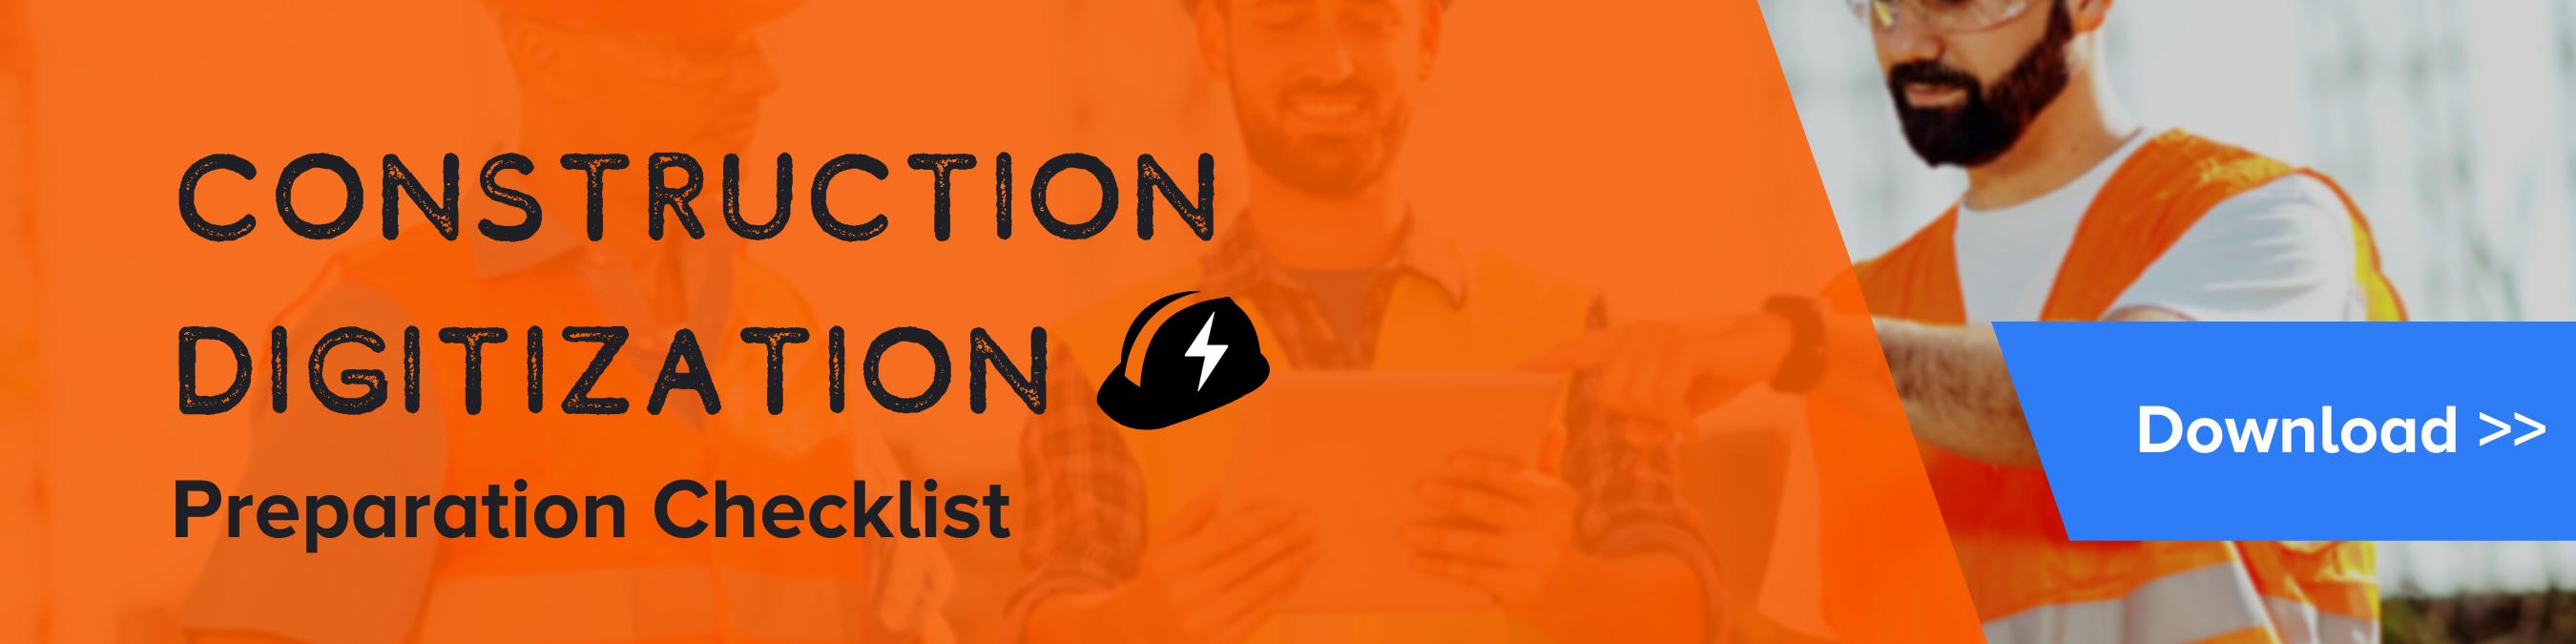 Download Free SPARK Resource - Construction Digitization Prepartion Checklist